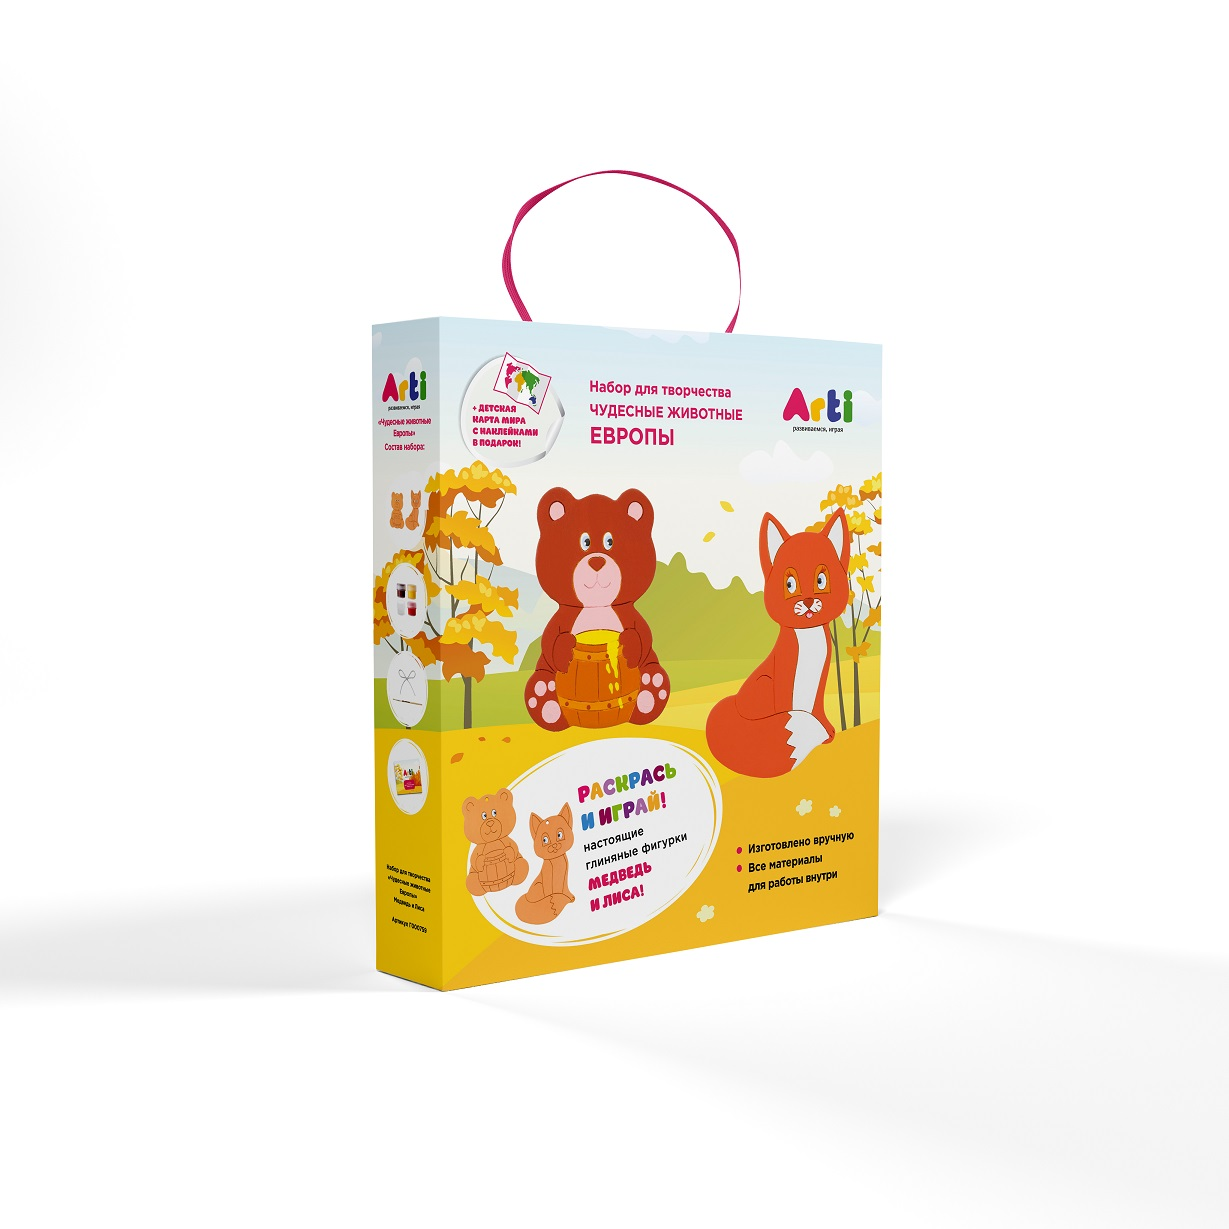 Купить Набор для творчества Чудесные животные Европы - Медведь и лиса, Arti